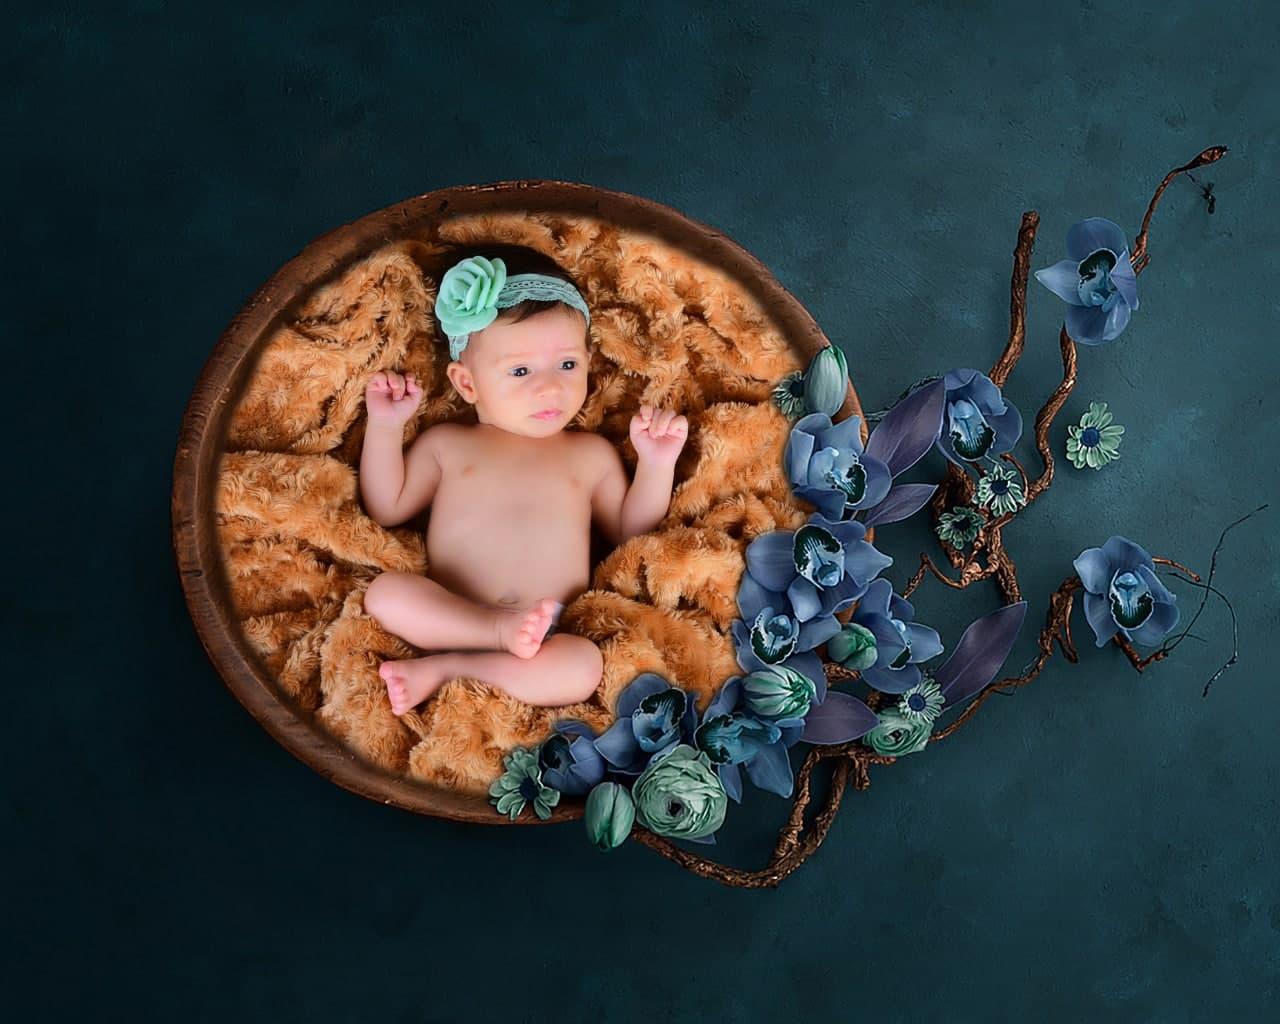 آتلیه عکاسی کودک و نکات مهم در عکاسی نوزاد